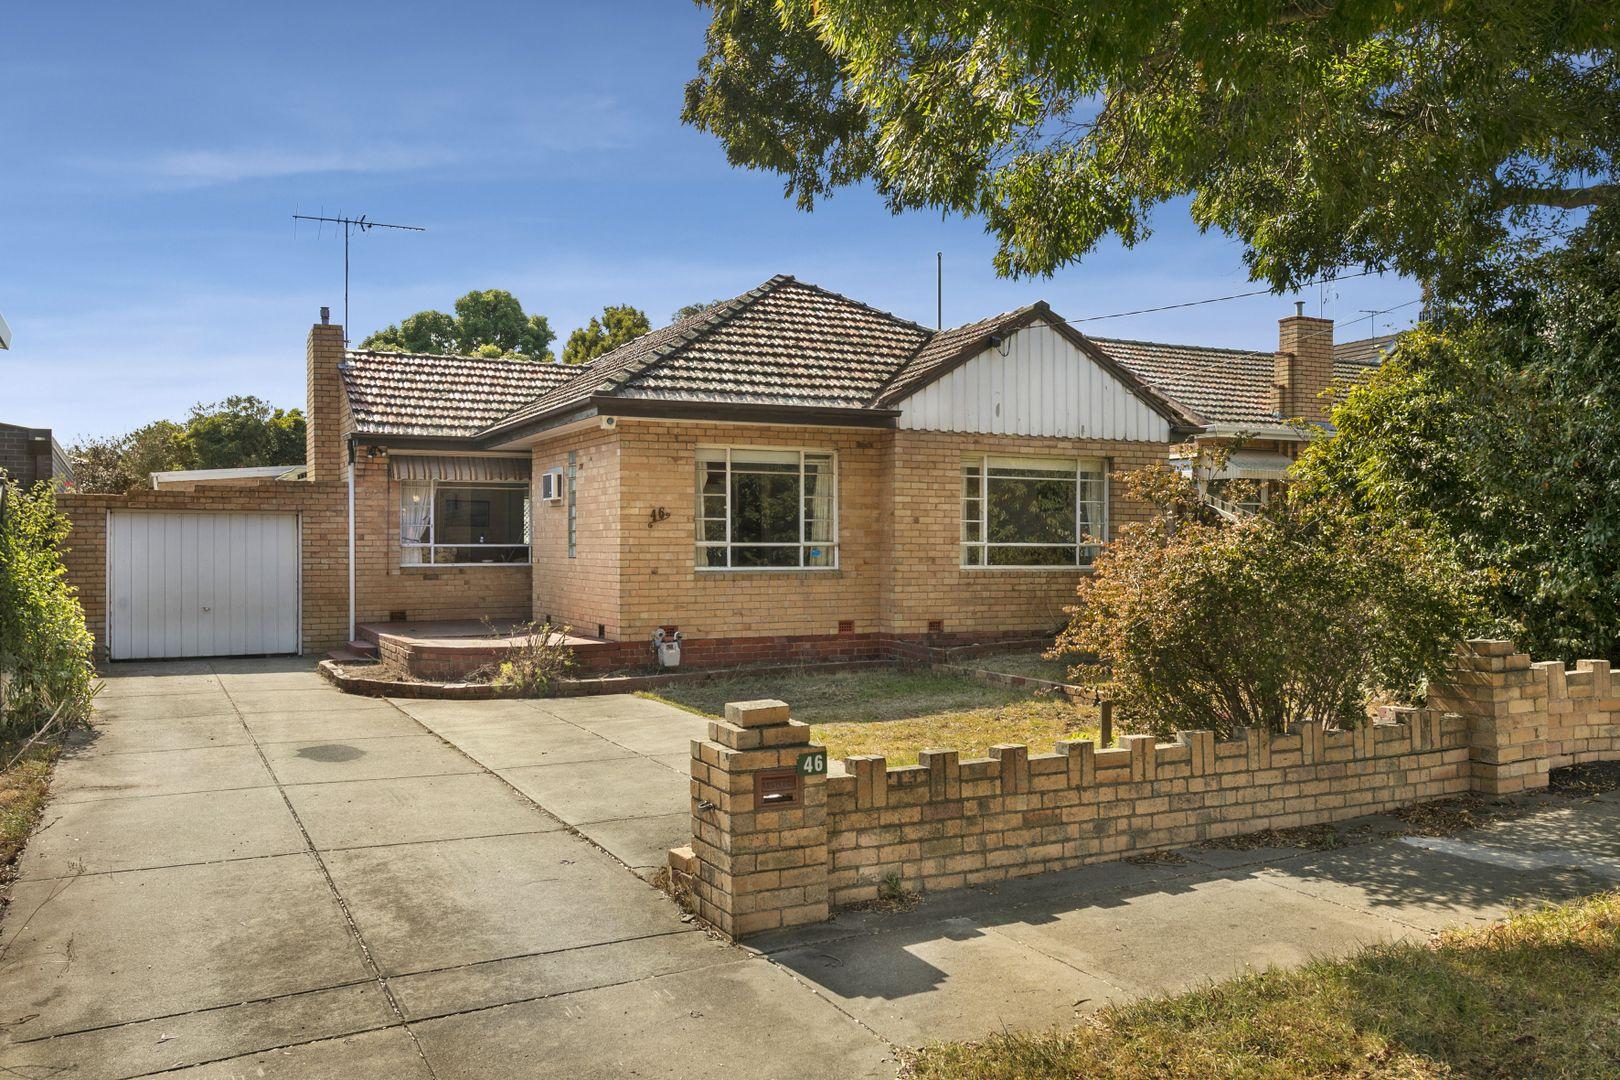 46 Kernan Street, Strathmore VIC 3041, Image 0